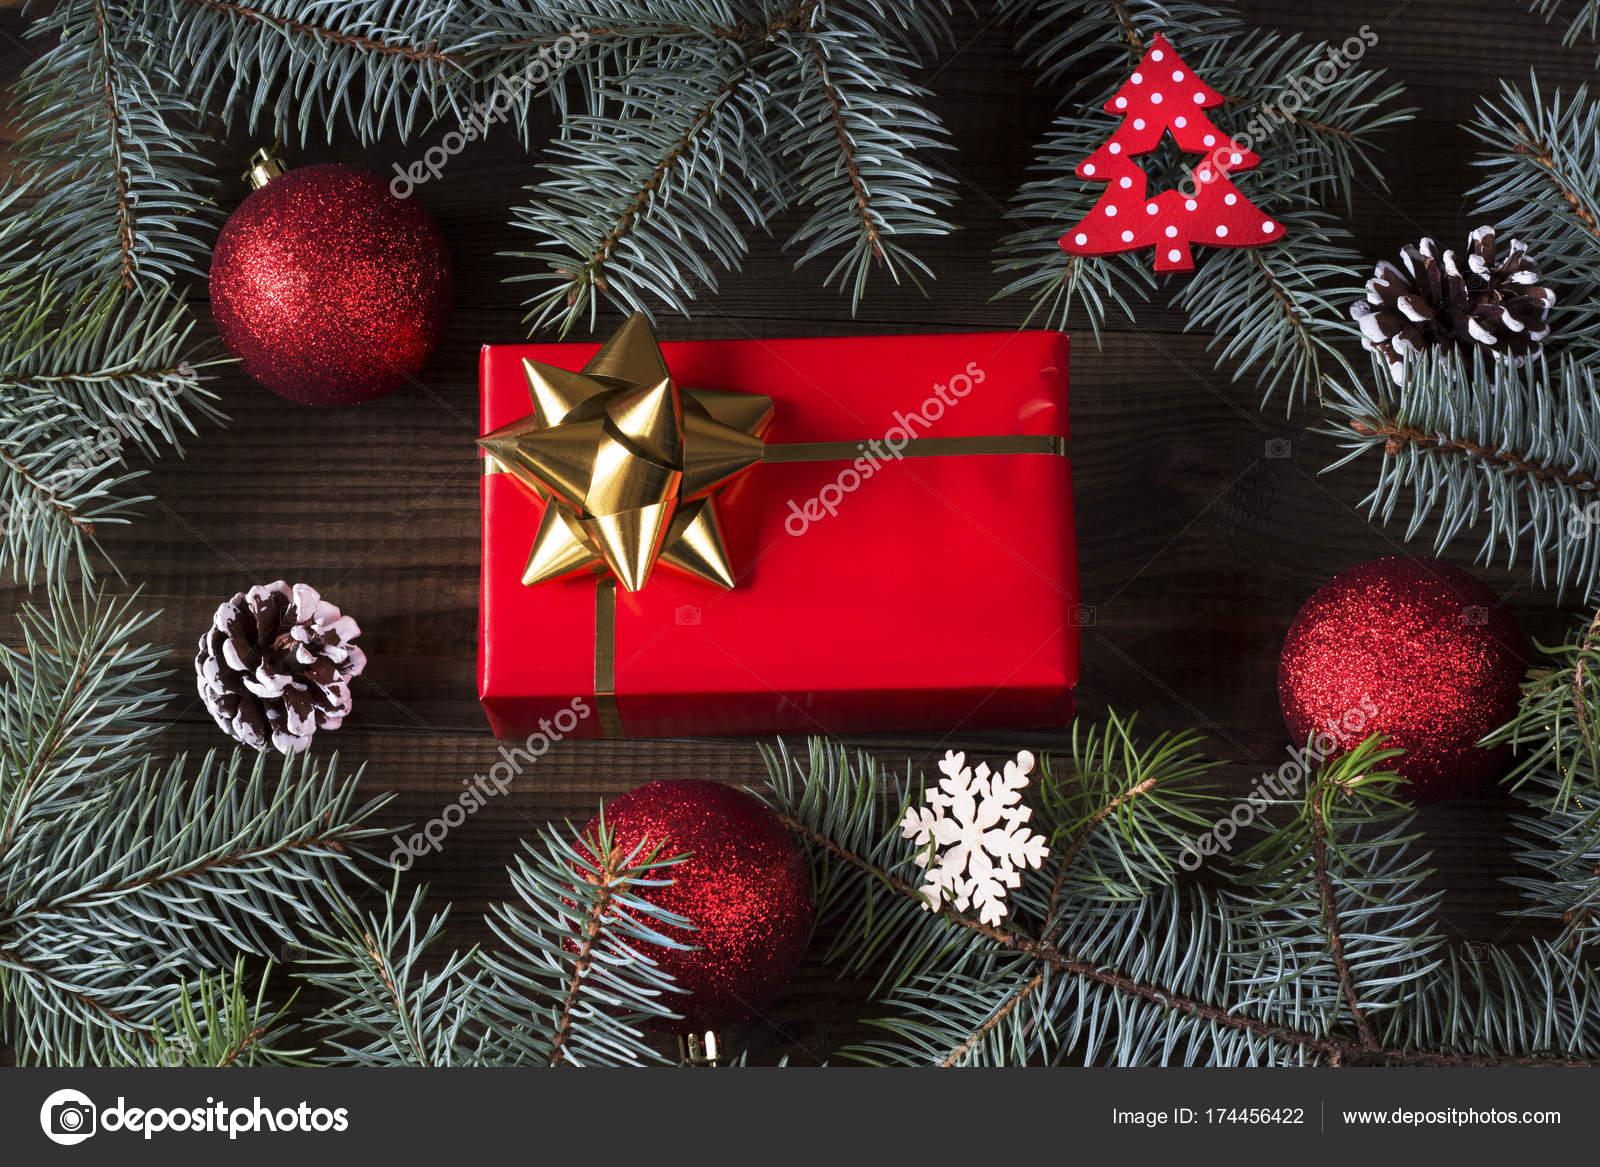 Regali Di Natale In Legno.Decorazioni Natale Con Regali Natale Fondo Legno Foto Stock